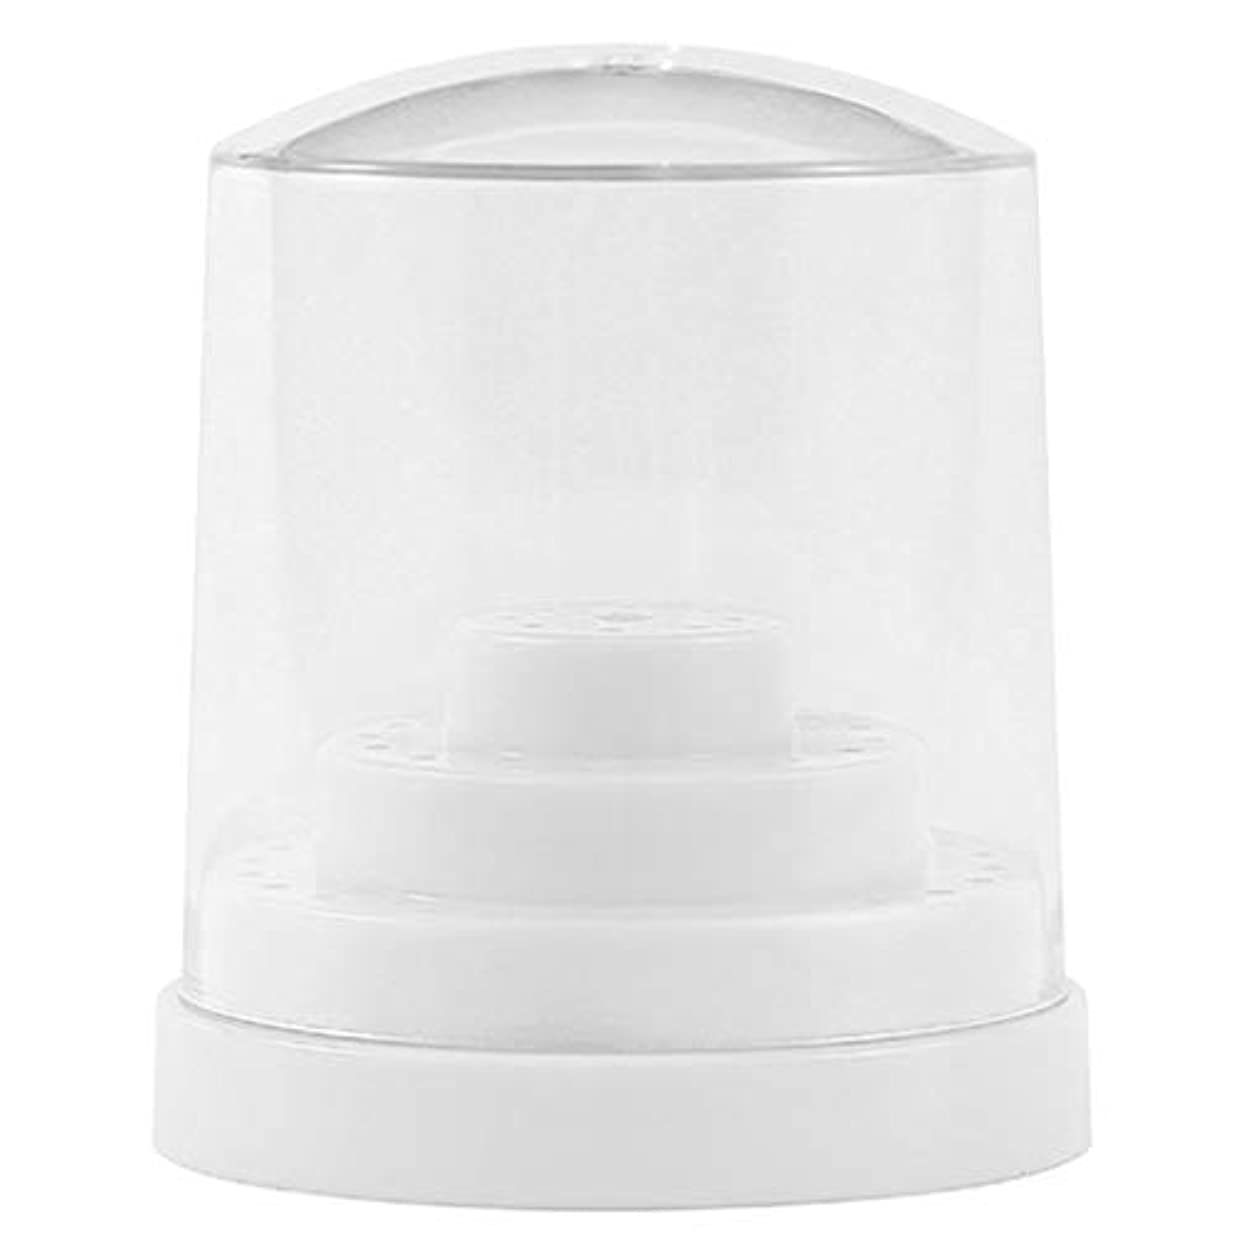 防ぐ呼び起こす戦う三層48穴 ネイルドリルビットホルダー アクリル製 ネイルマシーン用ビットスタンド 防塵 全2色 - ホワイト